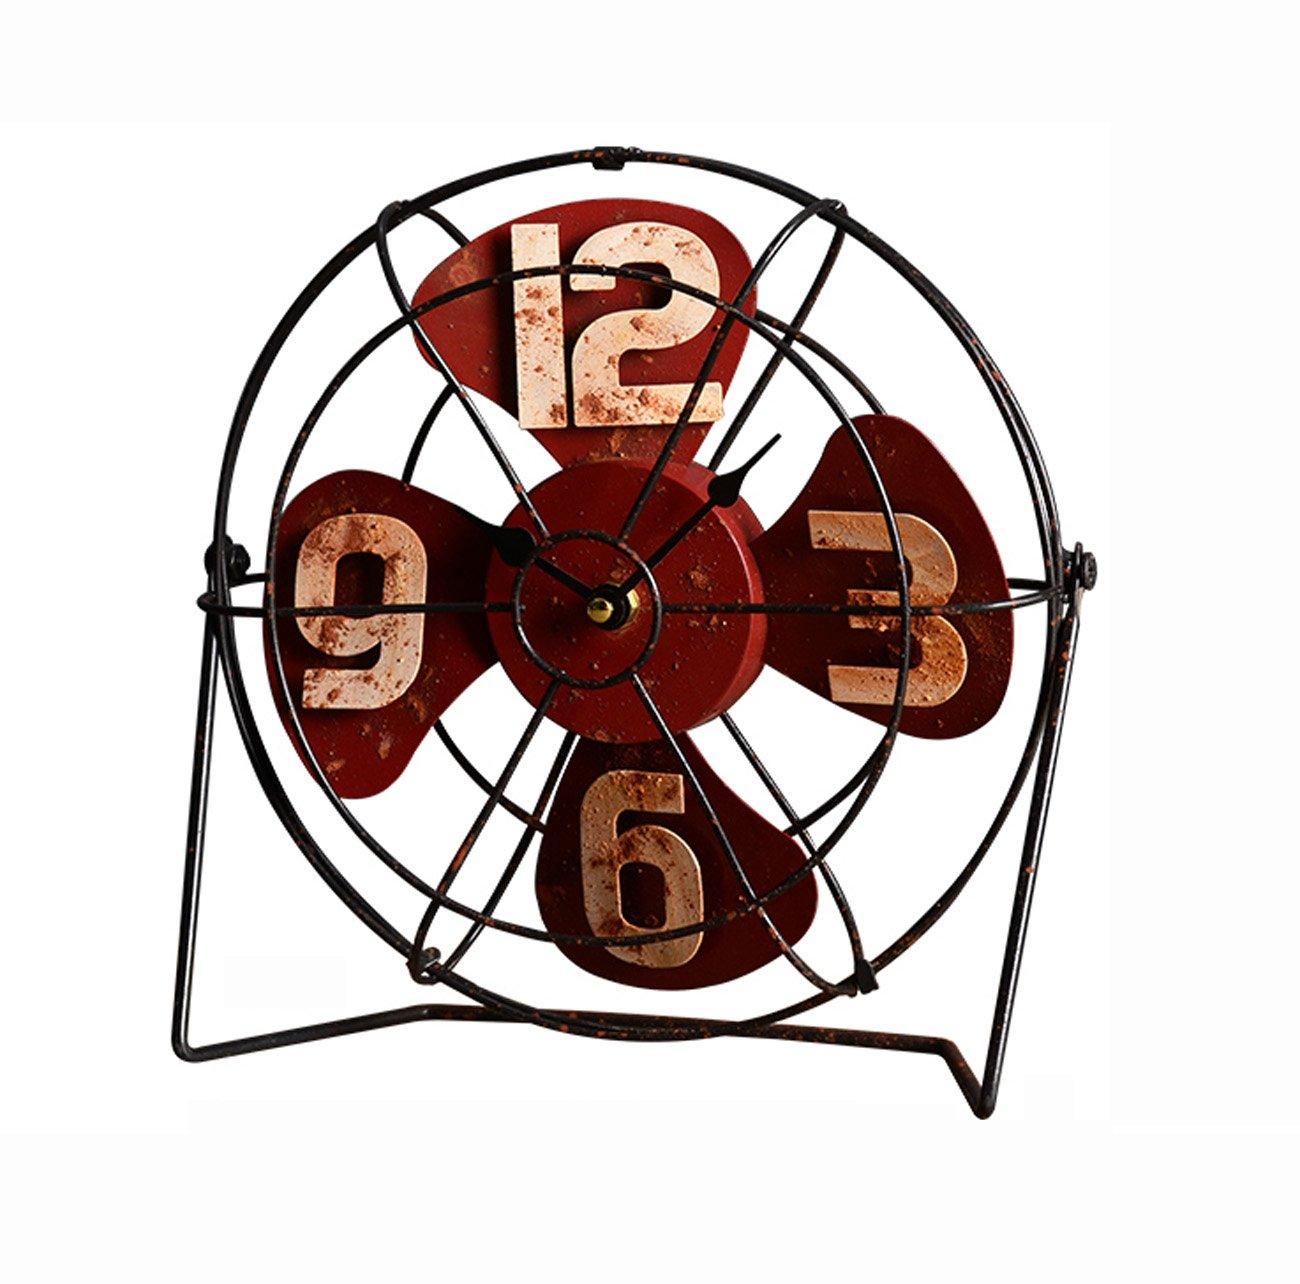 クロック 古い鉄のファンモデルクロック、アメリカンスタイルのレトロ装飾テーブルクロック、パーソナライズされたバーカフェ装飾棚の時計(26 * 9 * 27センチメートル) ウォールオーナメント (色 : 赤) B07F5TBXMN赤